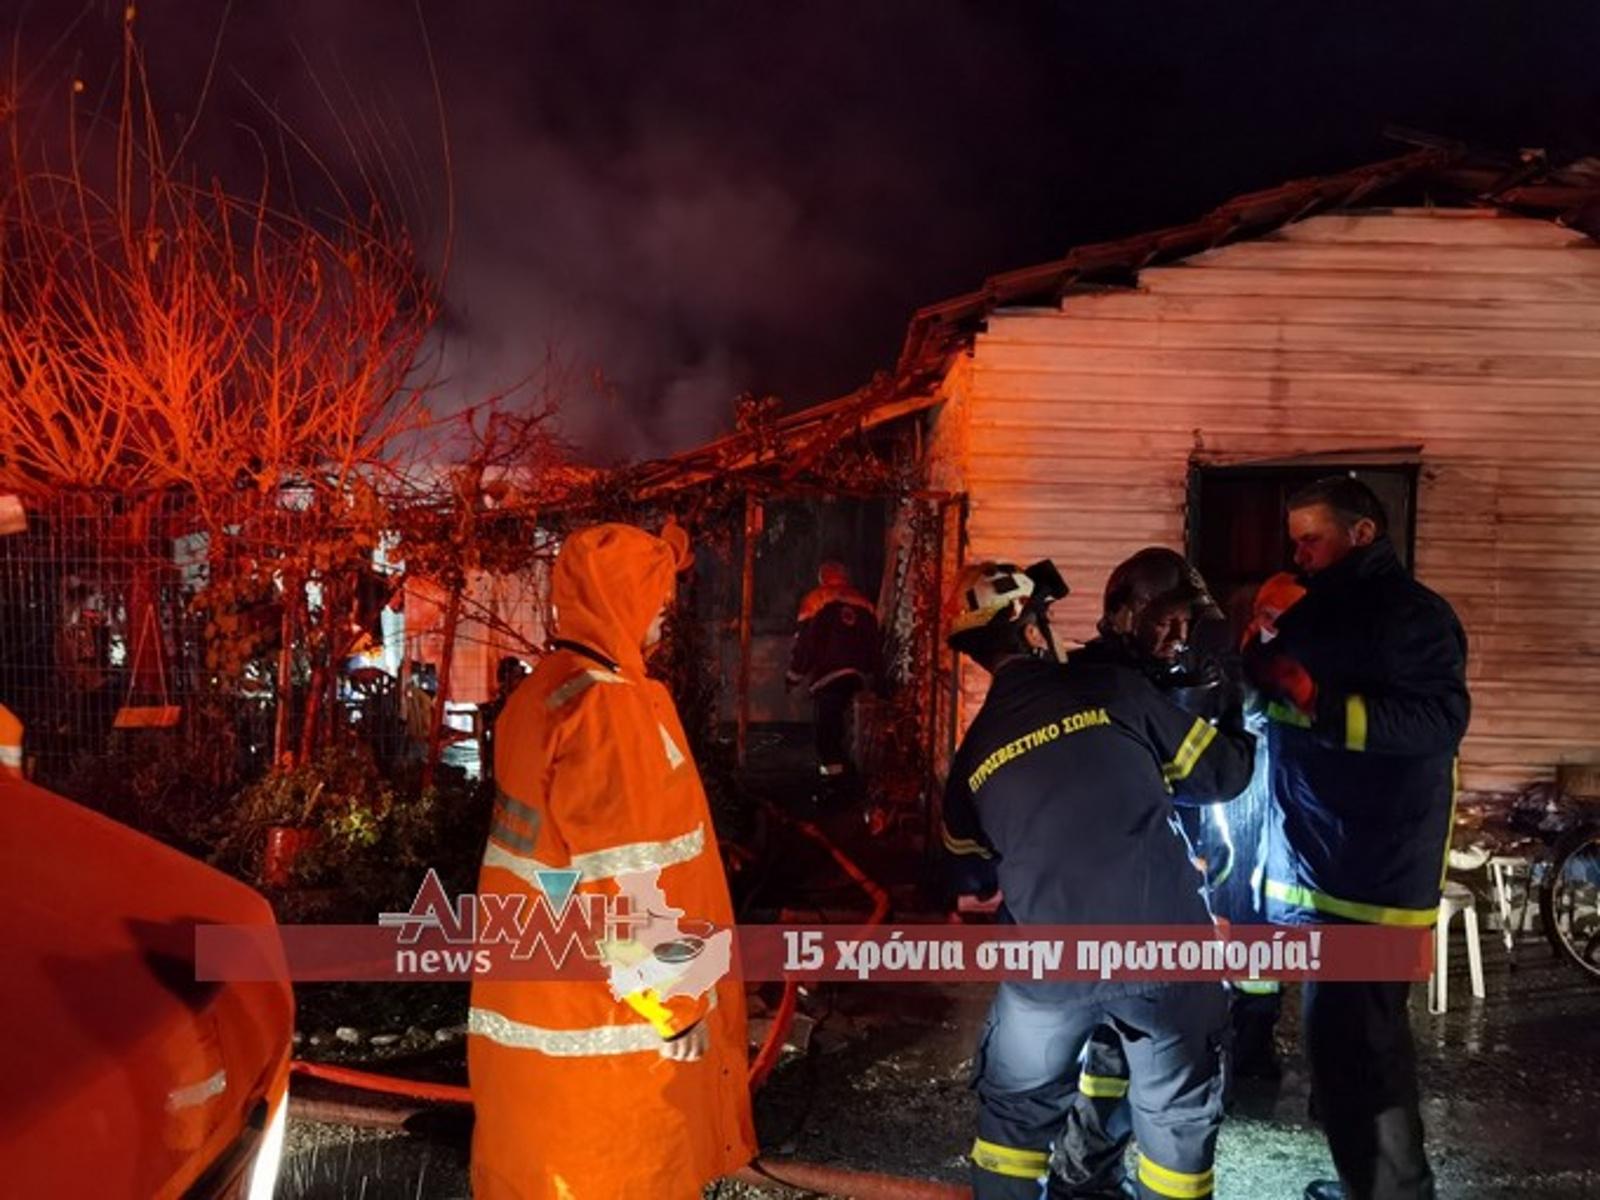 Μεσολόγγι: Τραγωδία με απανθρακωμένο άτομο μετά από φωτιά σε μονοκατοικία